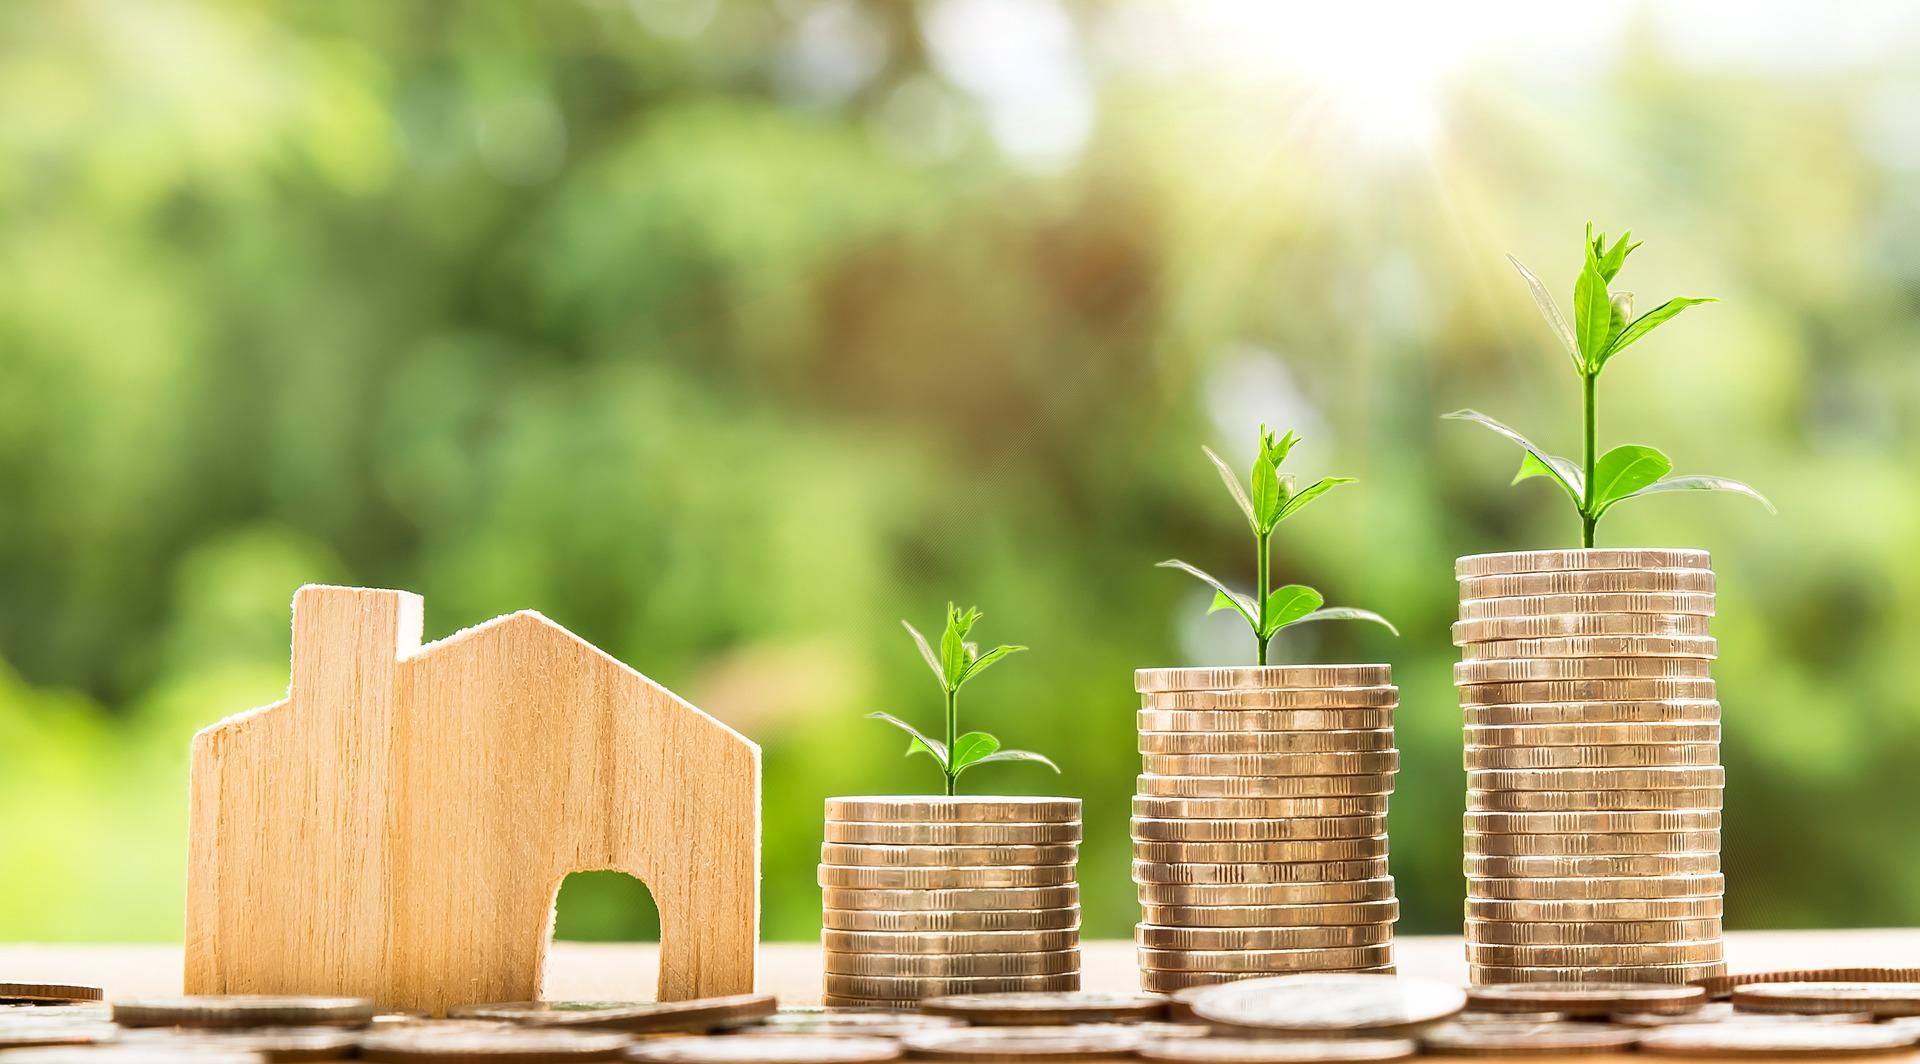 Kredyt mieszkaniowy z pomocą doradcy – to się opłaca